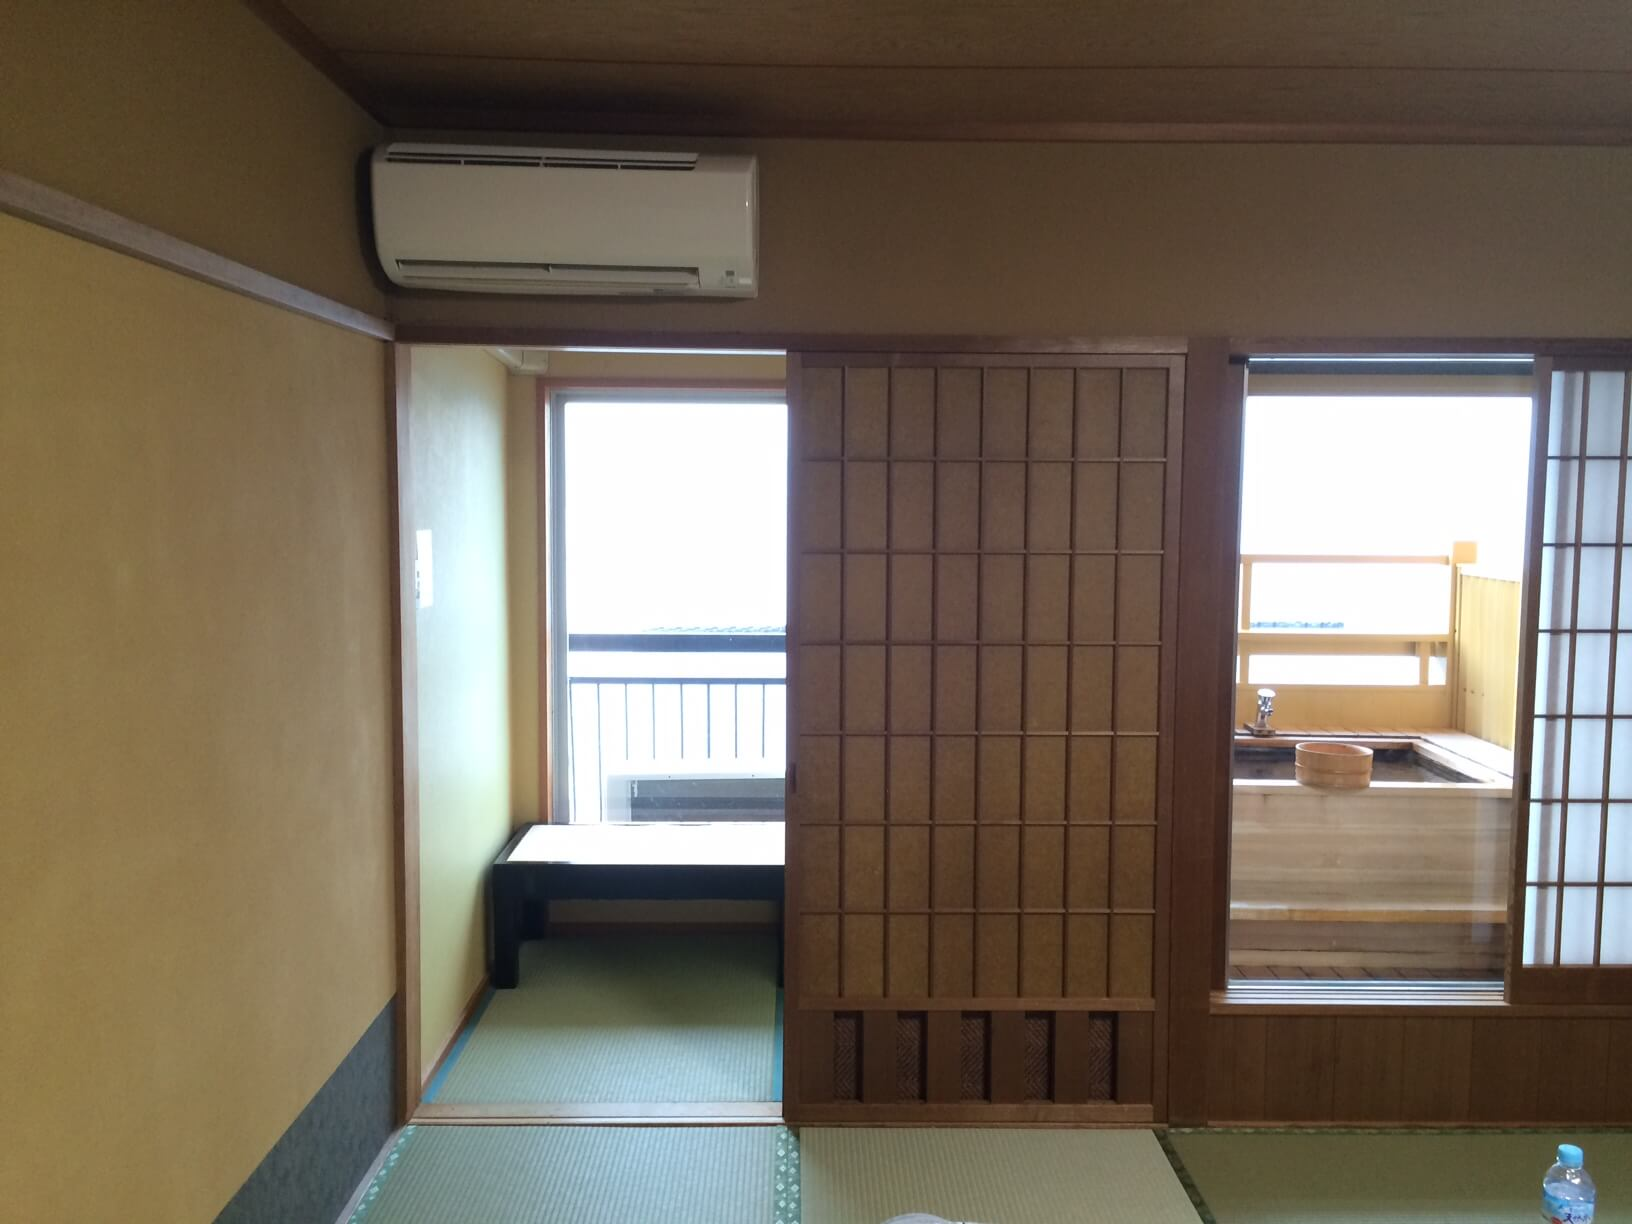 オーシャンビュー旅館のたたみの湯 湯の花亭の露天風呂付き客室秋桜